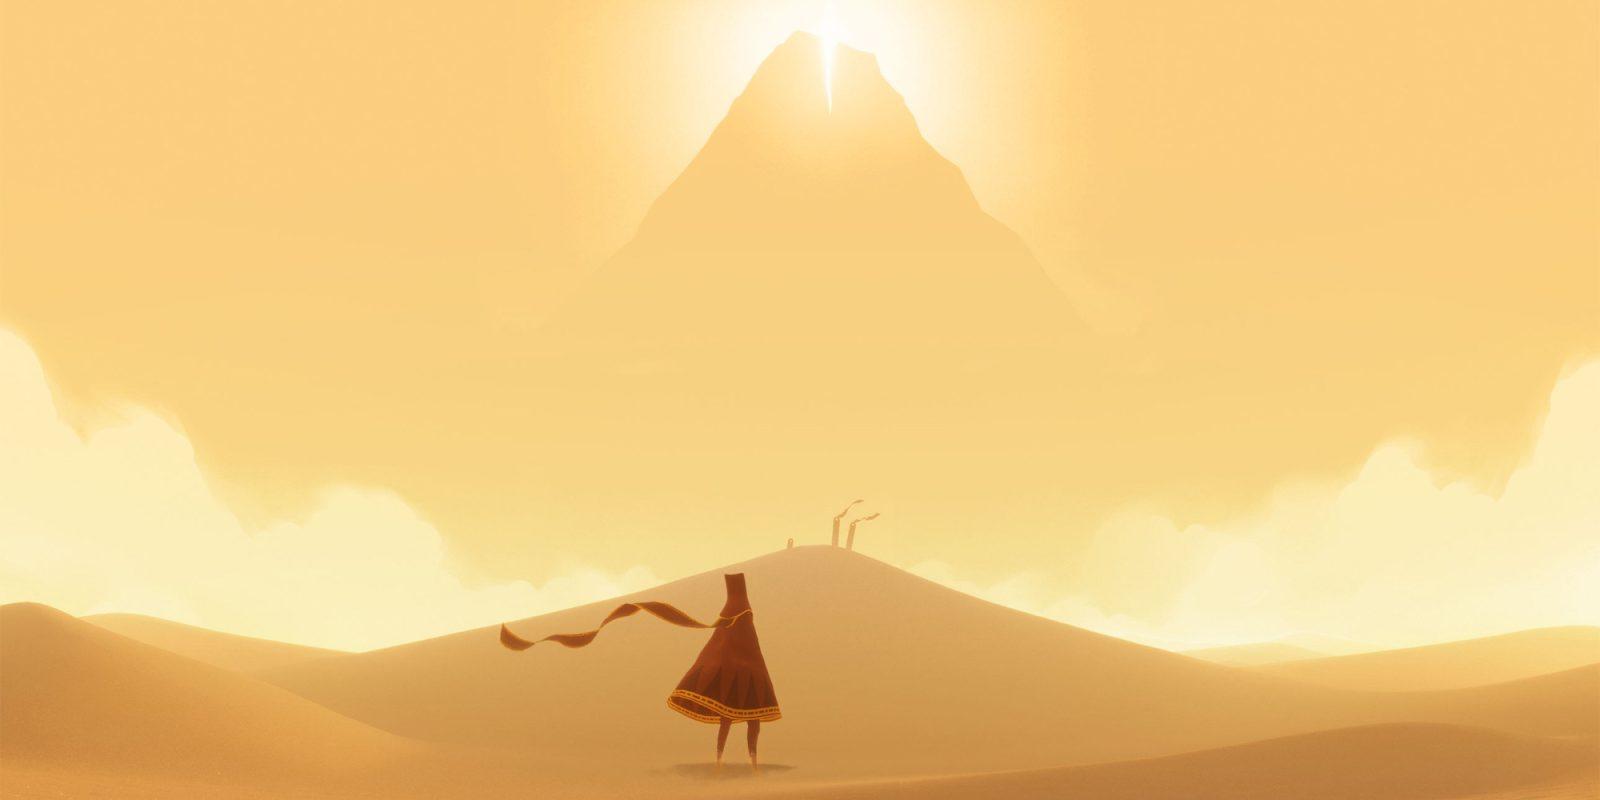 Journey inicia su travesía por el desierto en iOS